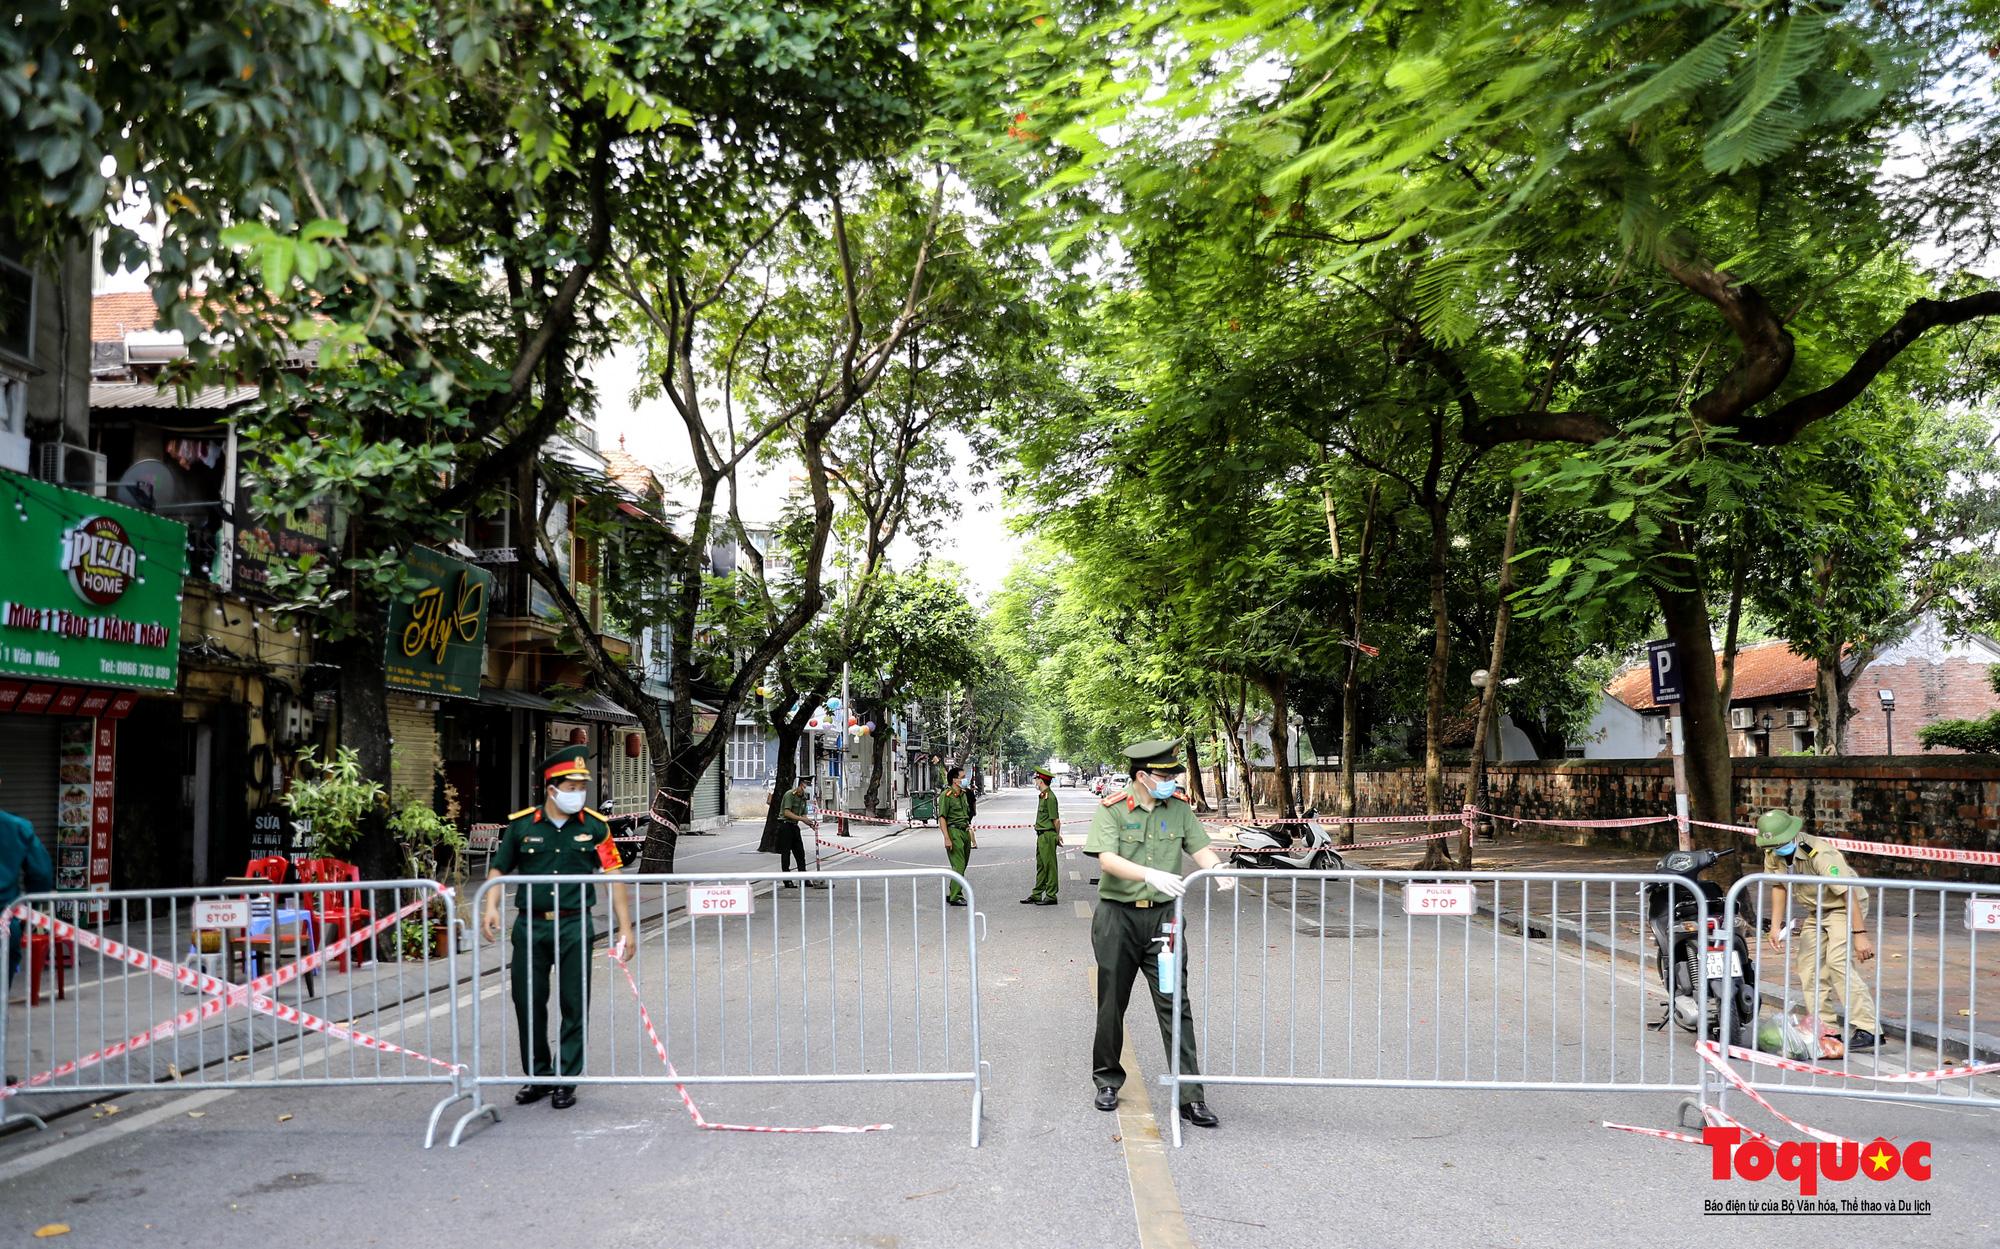 Hà Nội: Phong tỏa 2 phường Văn Miếu, Văn Chương, người dân xếp hàng tiếp tế cho khu cách ly - Ảnh 2.